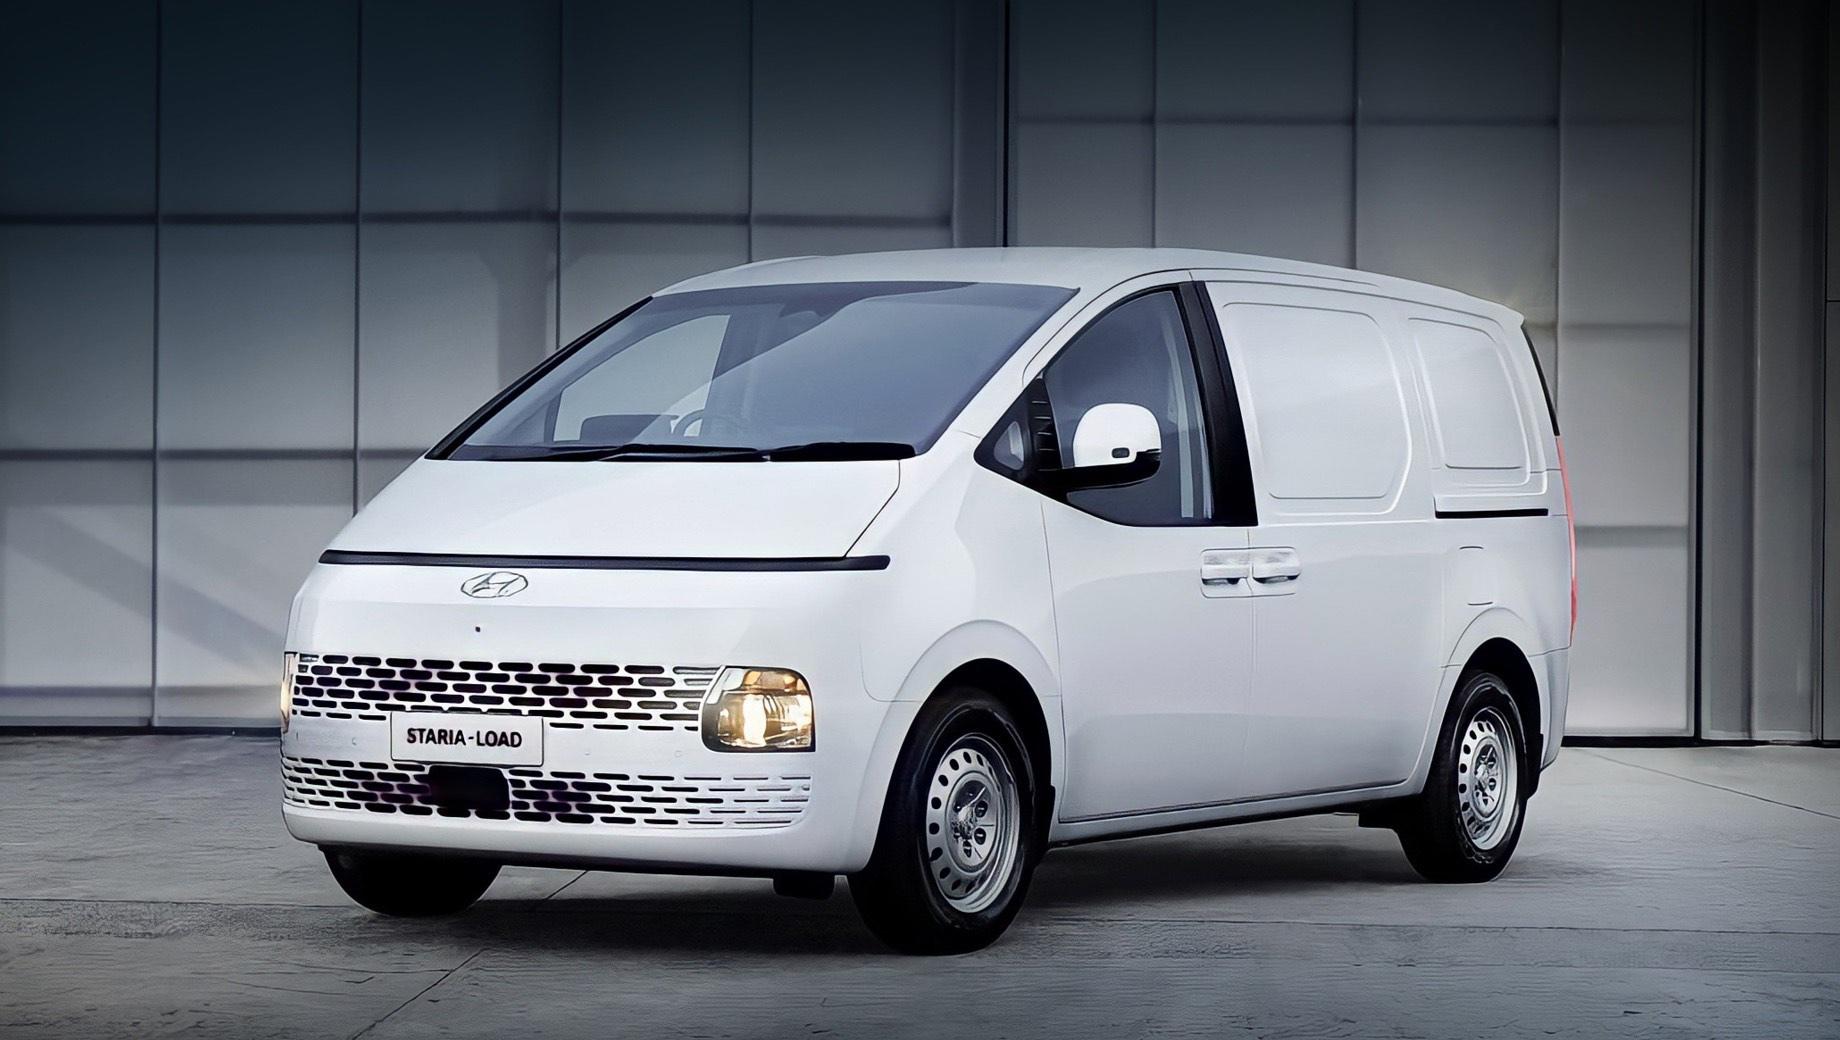 Hyundai staria,Hyundai staria load. В новом исполнении Staria лишилась диодных фар и дизайнерских дисков (доступны только стальные 17-дюймовые). Грузовая модификация названа Staria-Load, поскольку предшественник Hyundai H-1 носит в Австралии имя Hyundai iLoad. Для кузова предусмотрено всего два цвета: белый и серый.